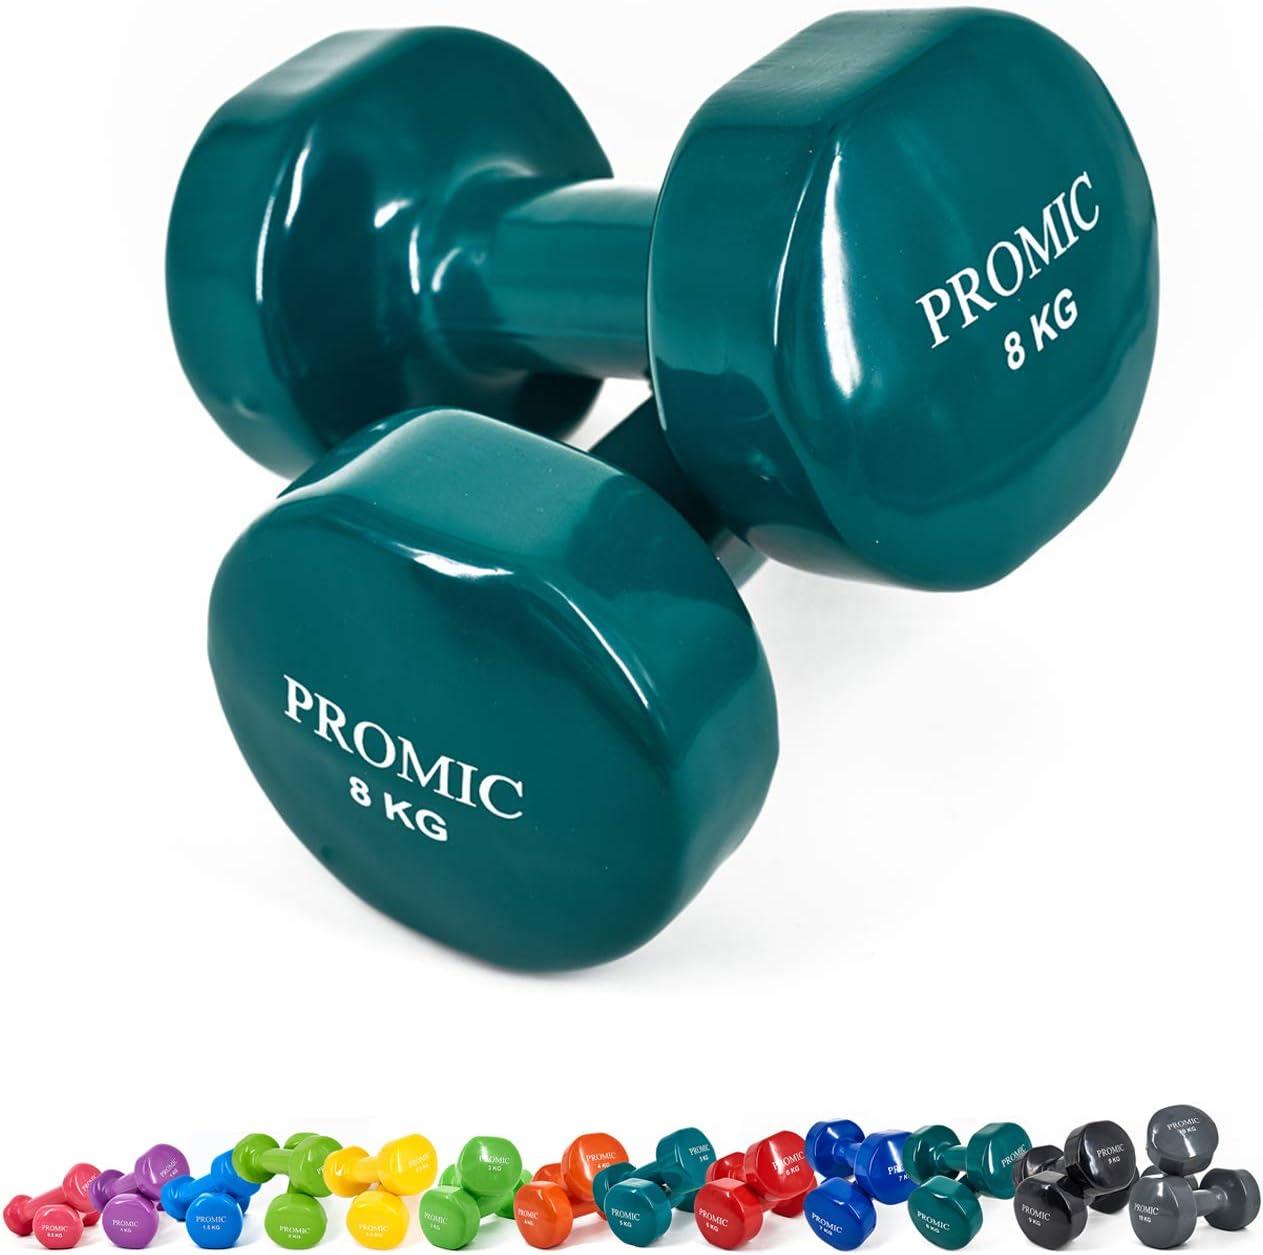 K  2 x 8 kg - Dunkelgrün PROMIC Kurzhanteln, 2er Set Hanteln, 0,5kg-10kg Gymnastikhanteln, Vinyl Hanteln Set mit gutem Grip, Gewichte kurz Hanteln Set für Aerobic Pilates, 13 Gewichts-und Farbvarianten